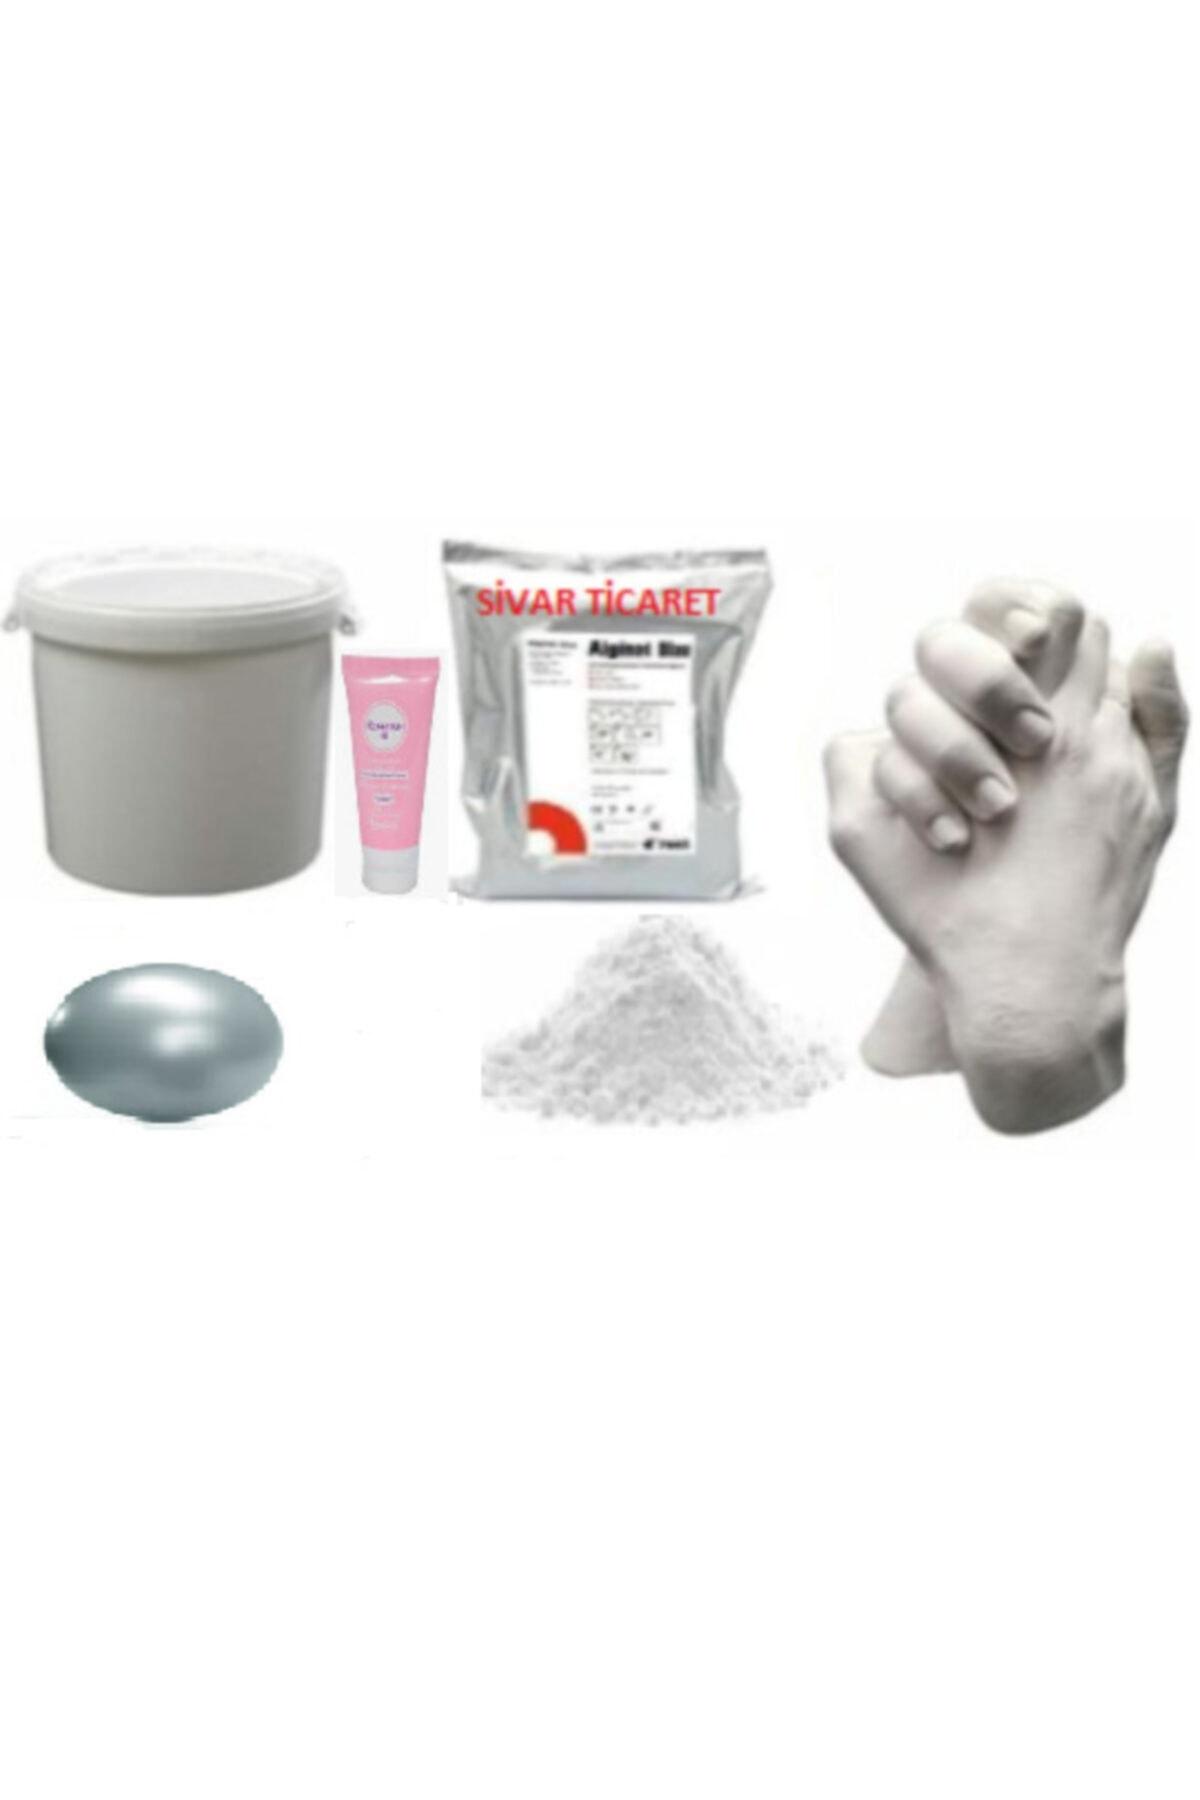 Sivar Gümüş Yaldız Boyalı Aljinat Kalıp El Heykeli Kalıbı Tozu Ve 1 Kg Hızlı Donan Alçı - Kovalı Set 1